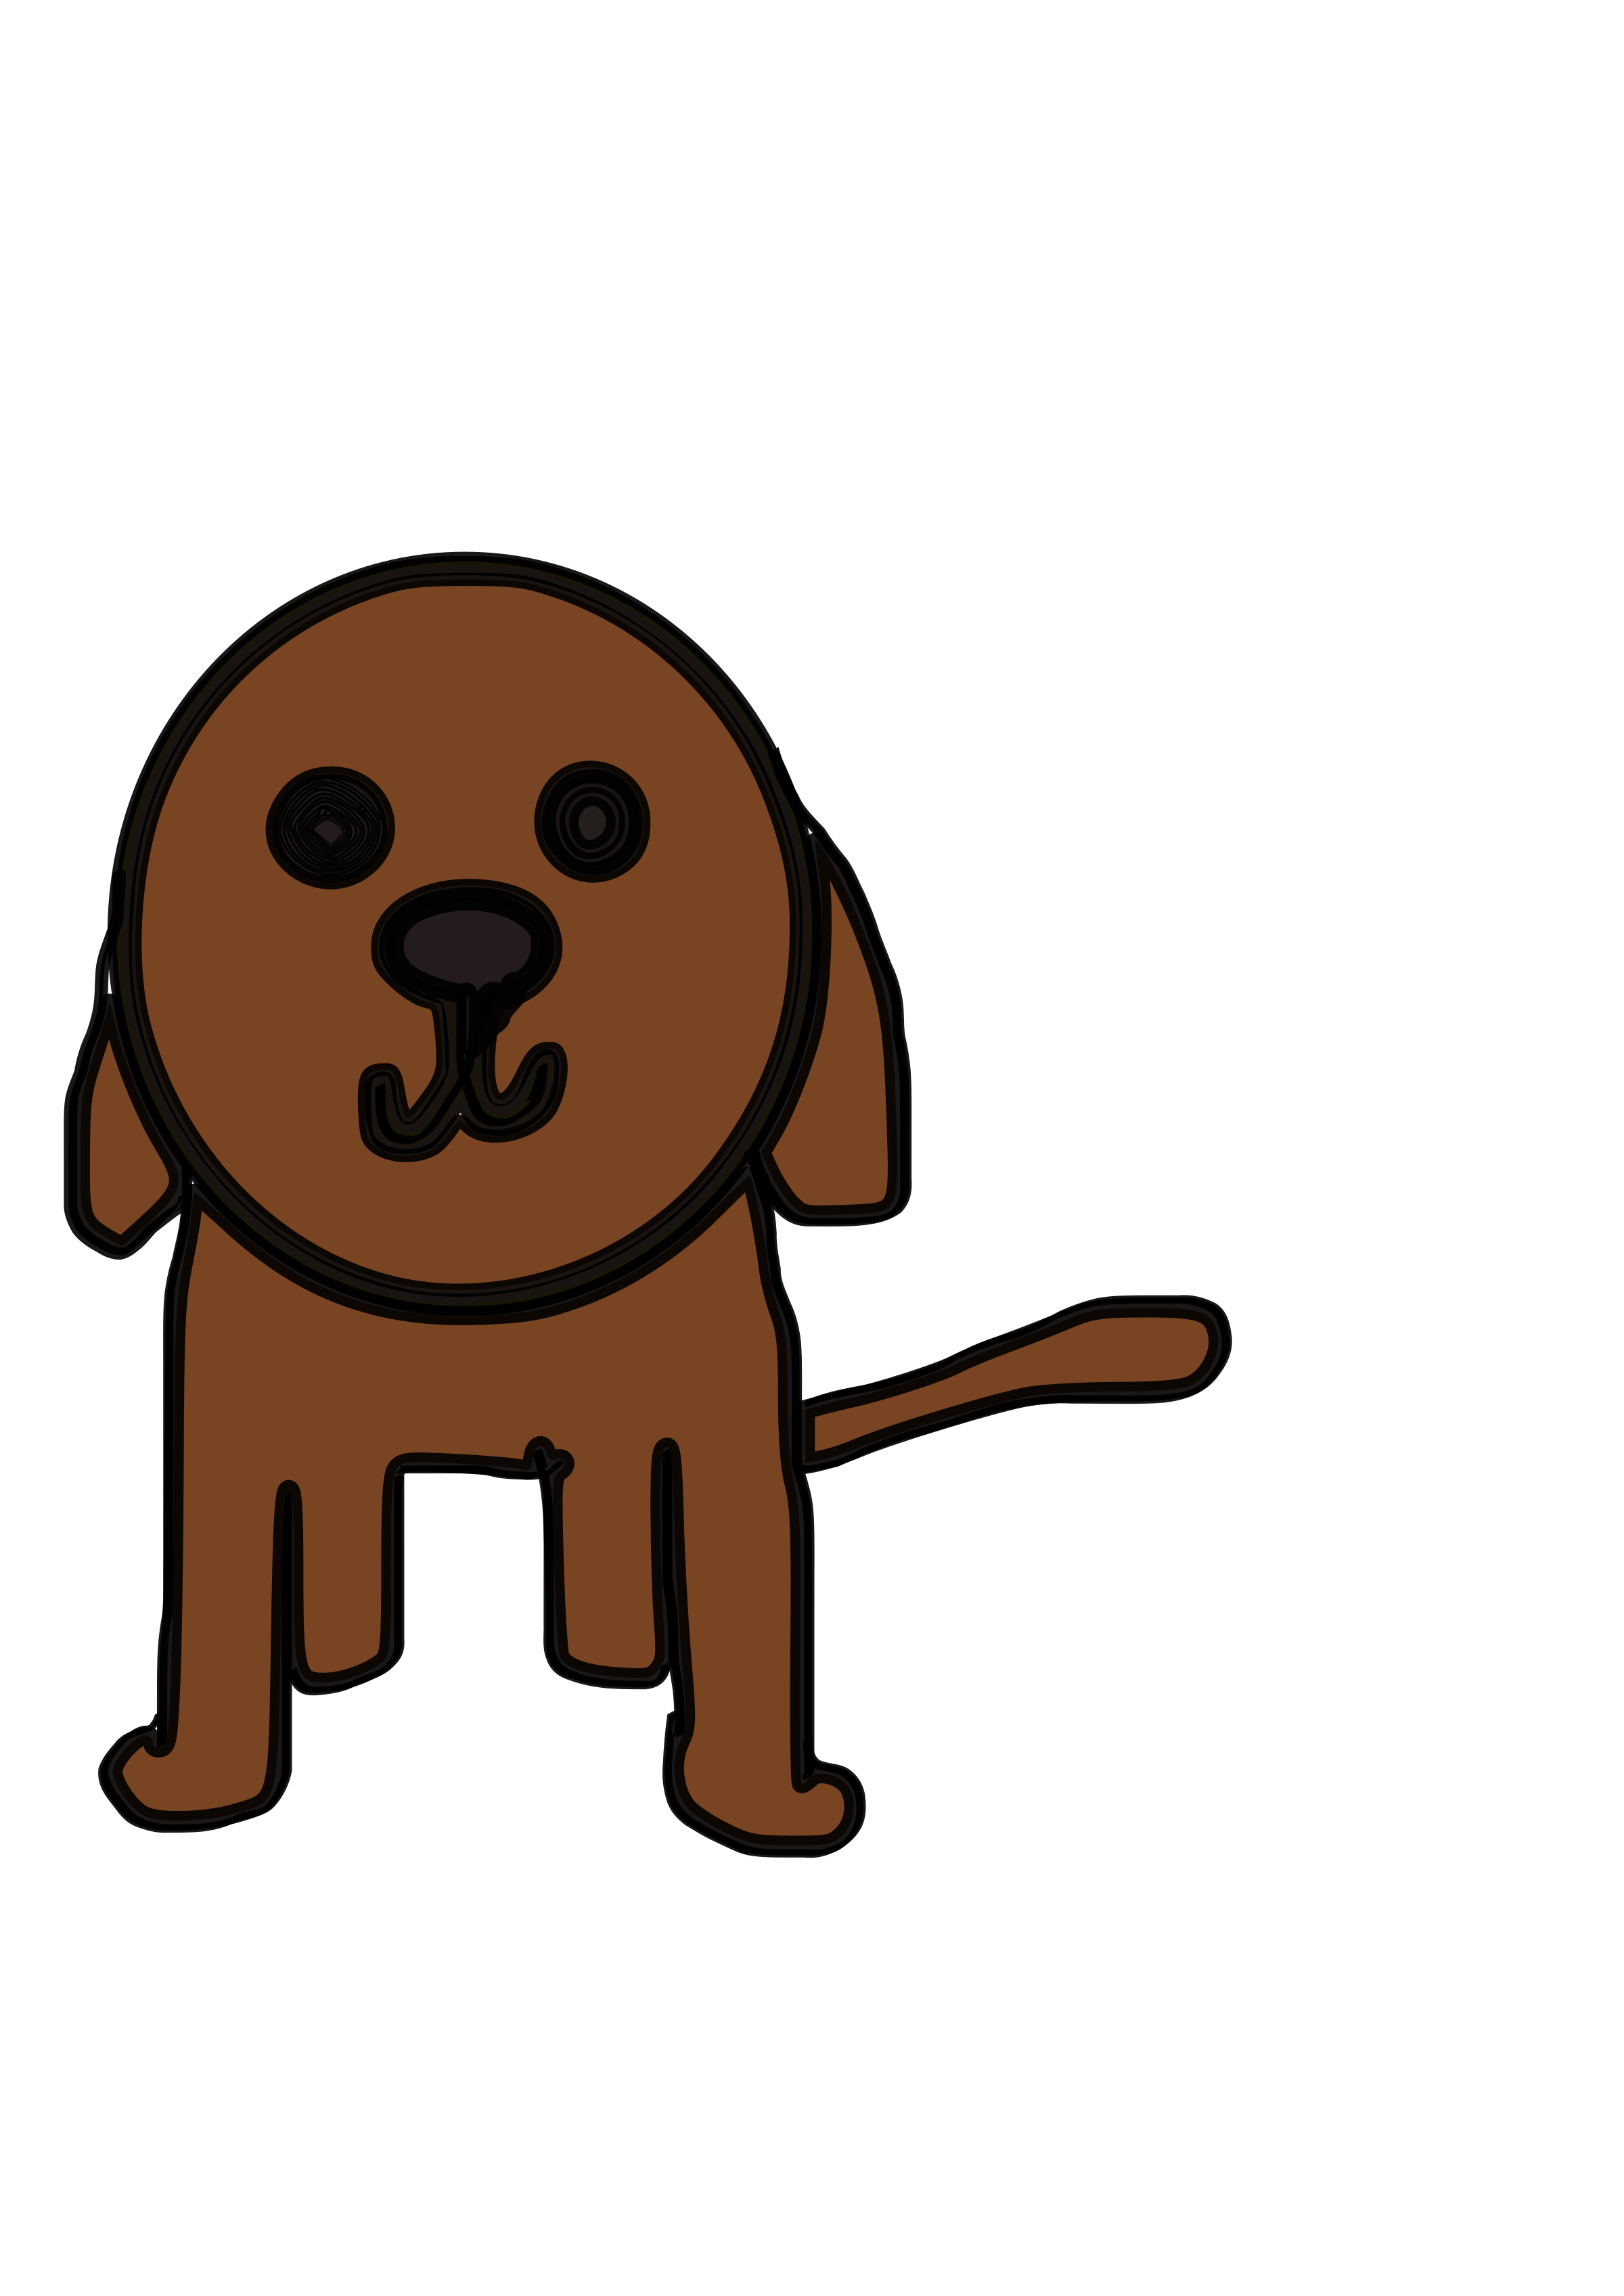 Dig clipart dog. Little big image png